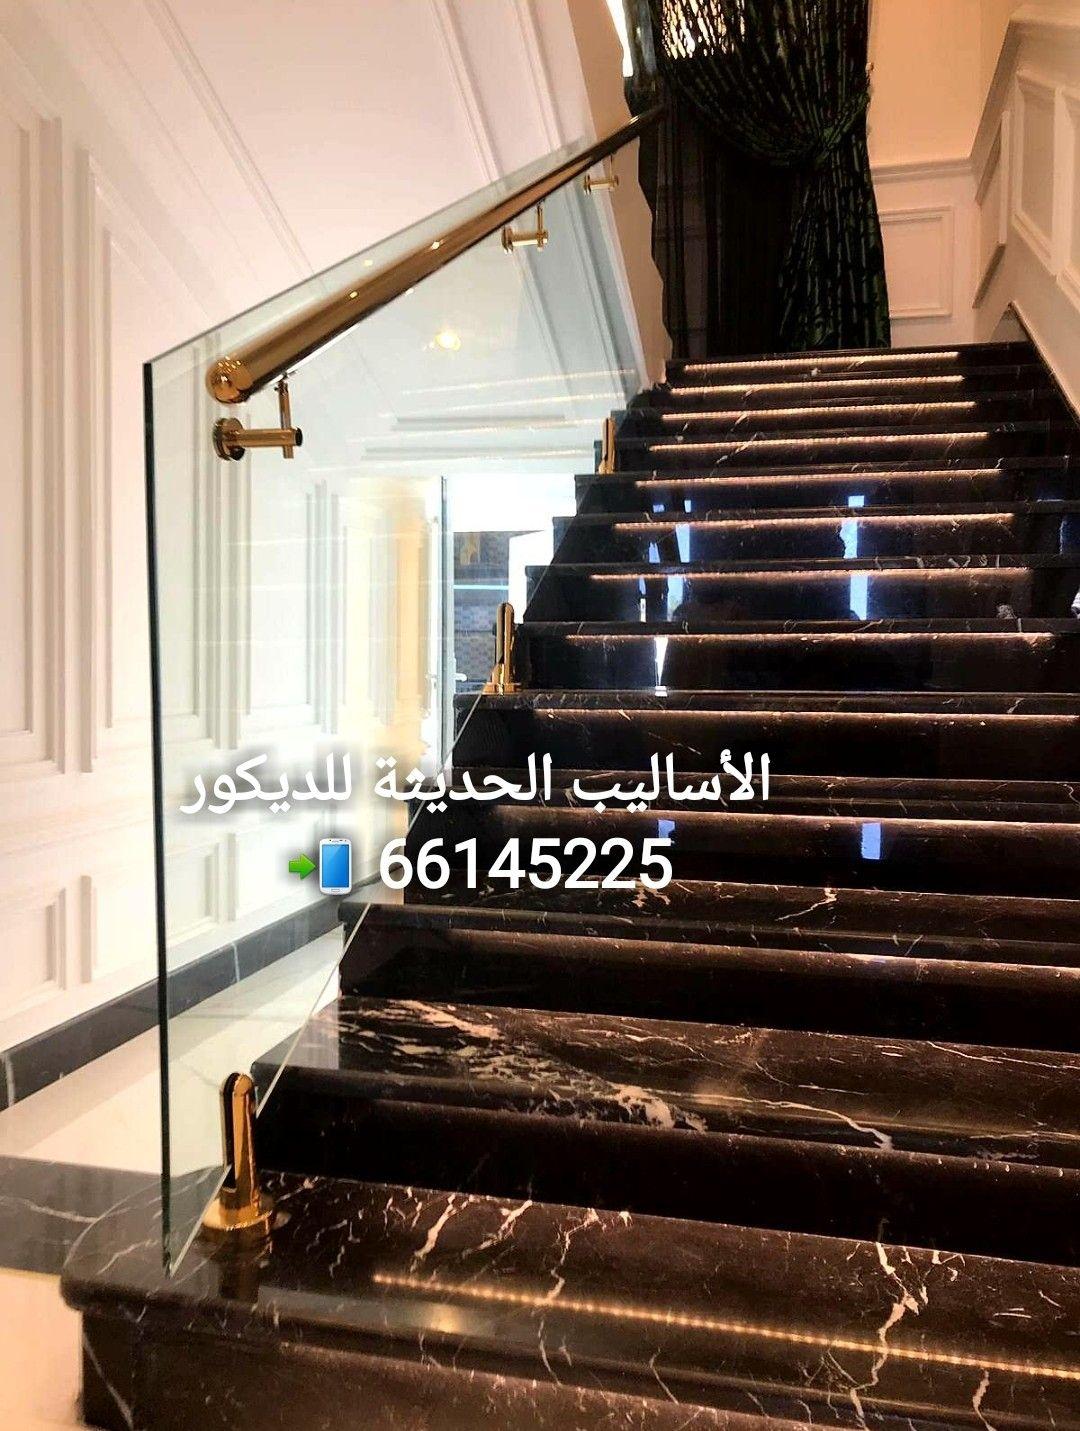 الاساليب الحديثة للديكور و الزجاج المعشق قطر 66145225 Modern Room Divider Modern Room Home Decor